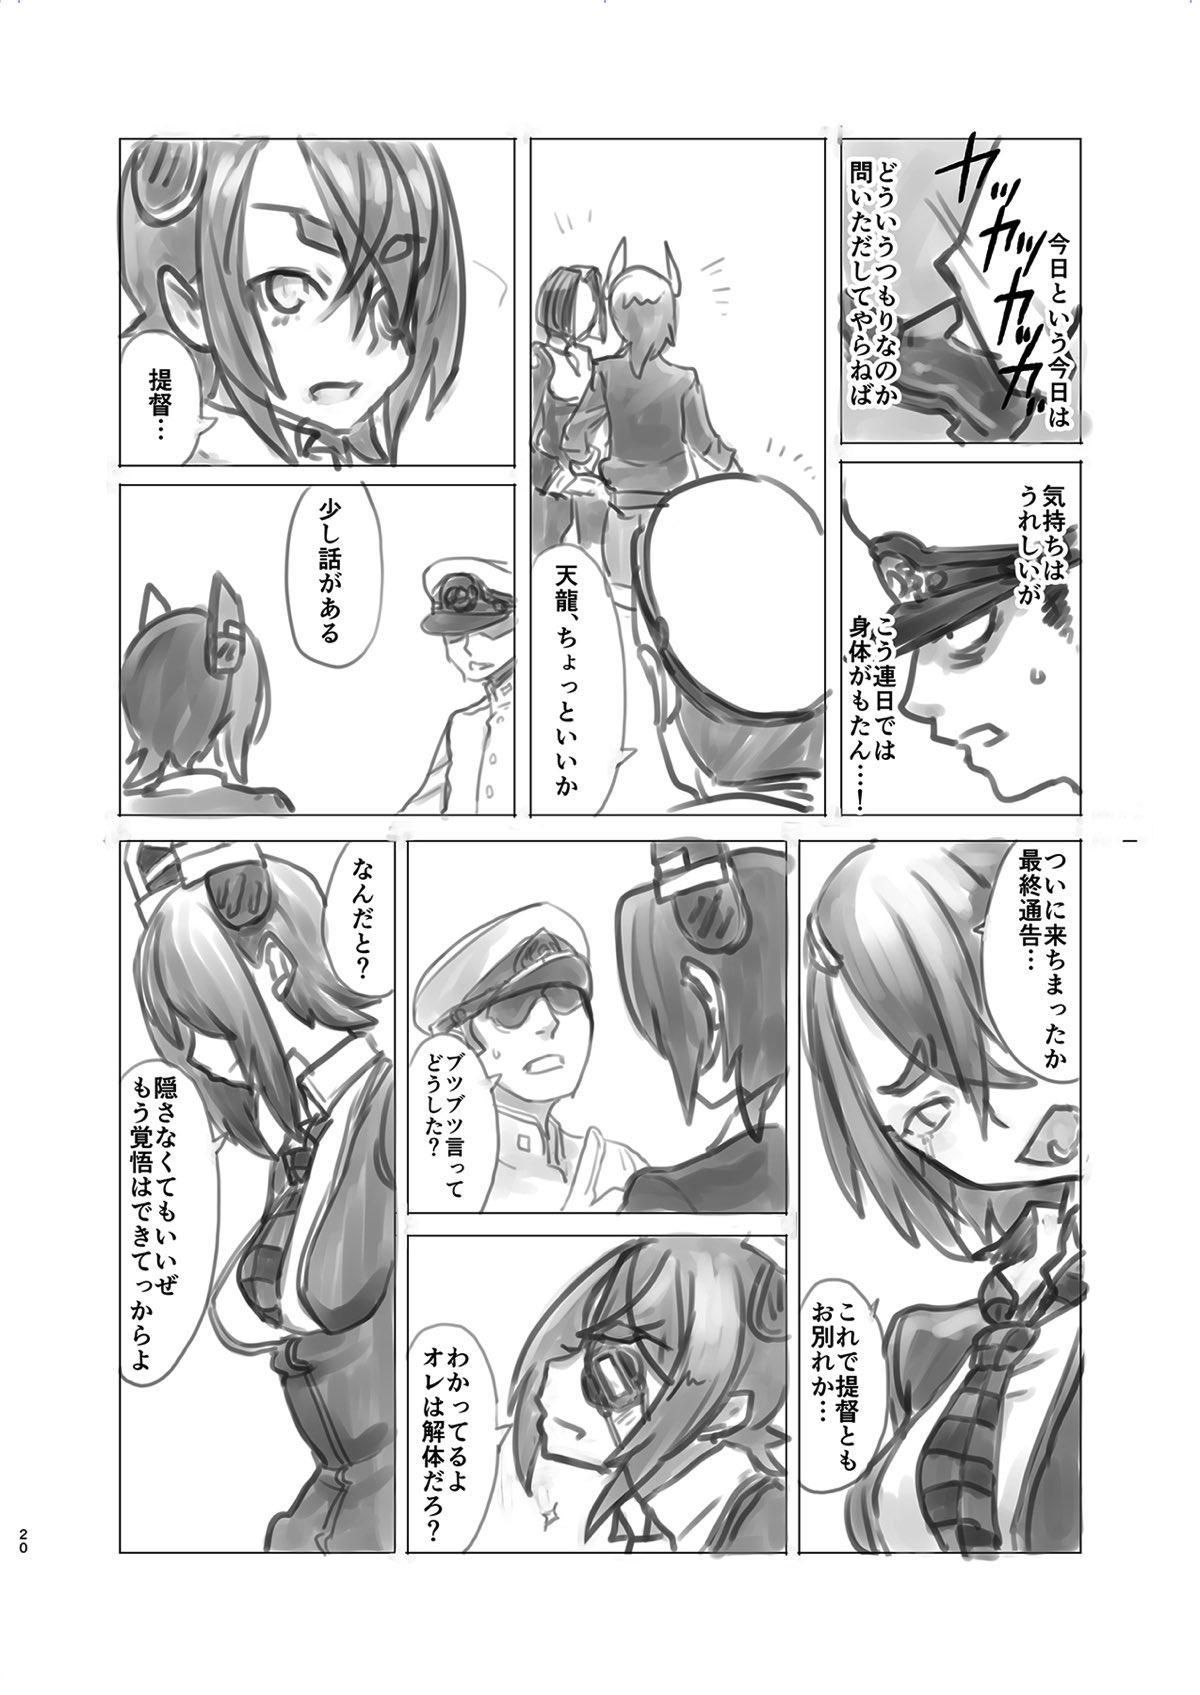 Tenryuu-chan no Momoiro Daisakusen 18